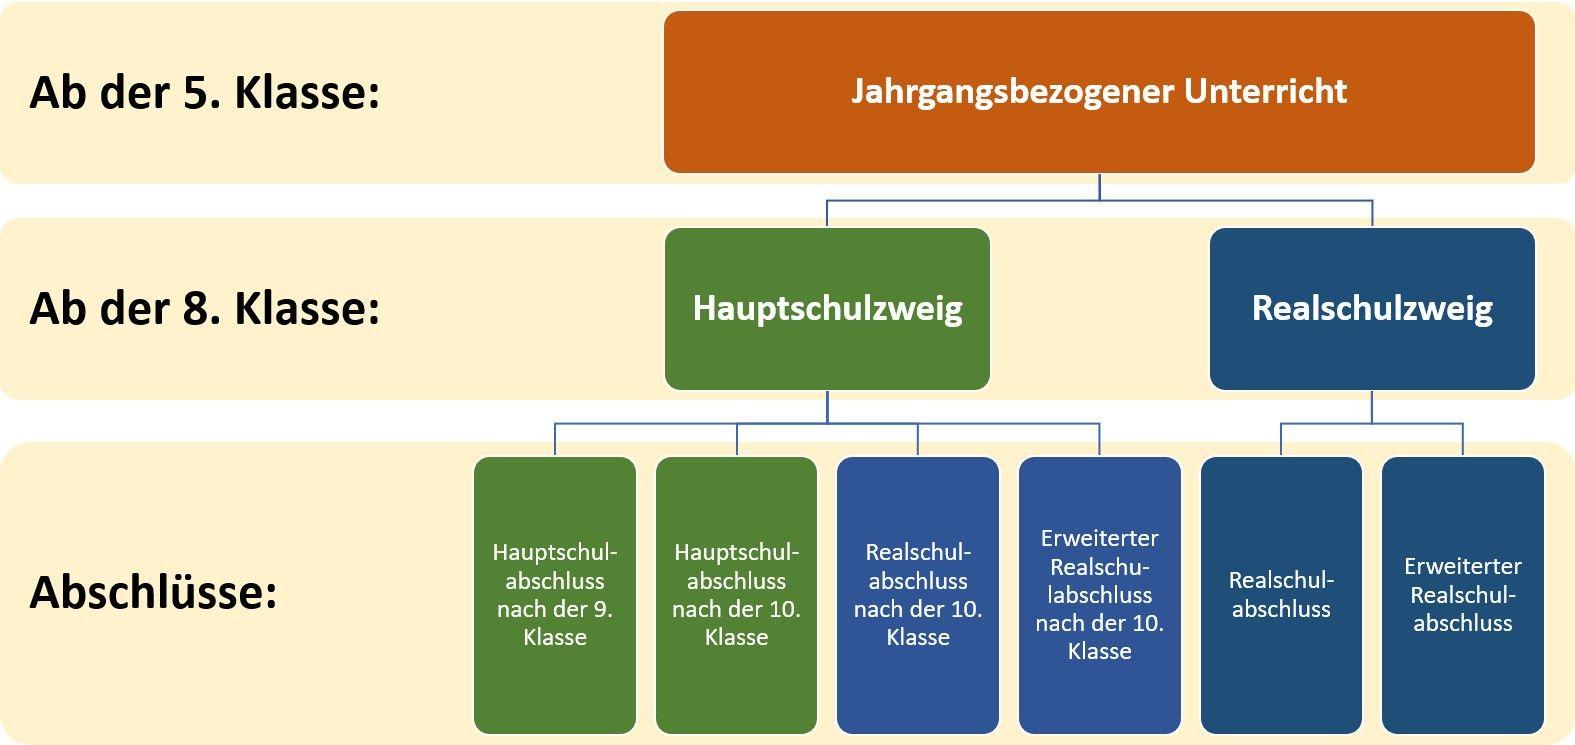 Beschreibung der Wege zu Haupt- und Realschulabschlüssen an der Geschwister-Scholl-Schule, Geeste.